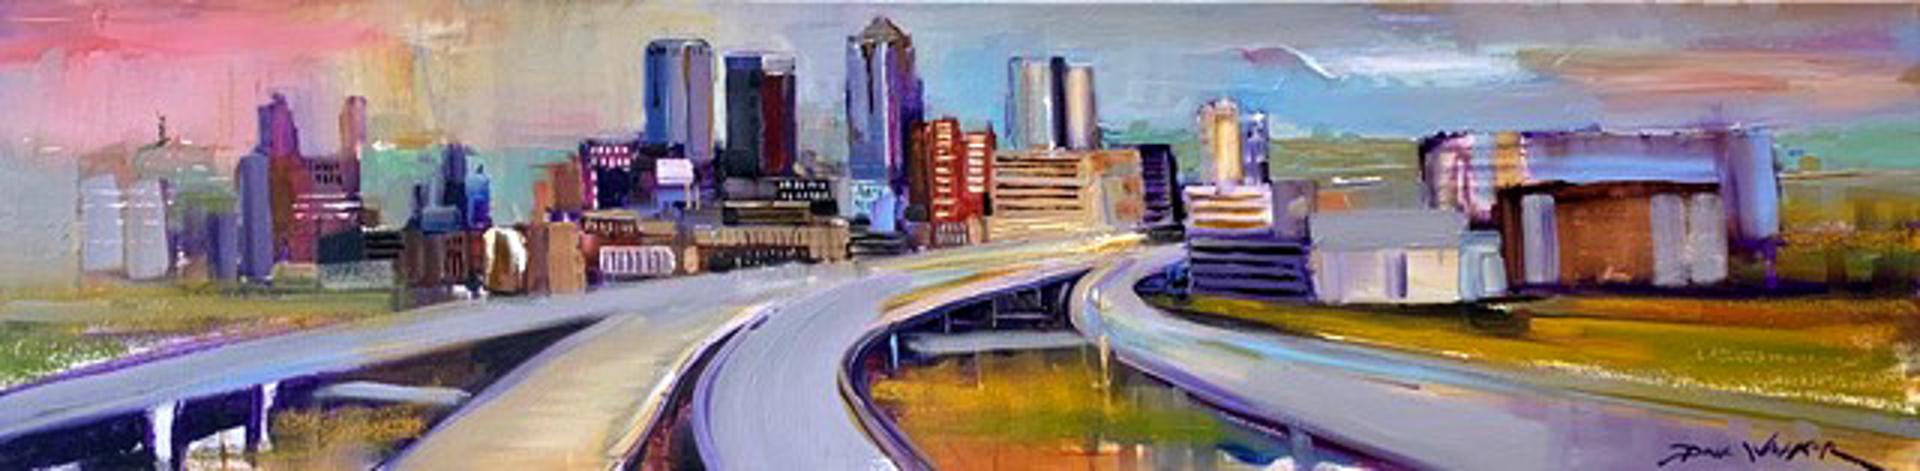 A New Era for Birmingham by Dirk Walker